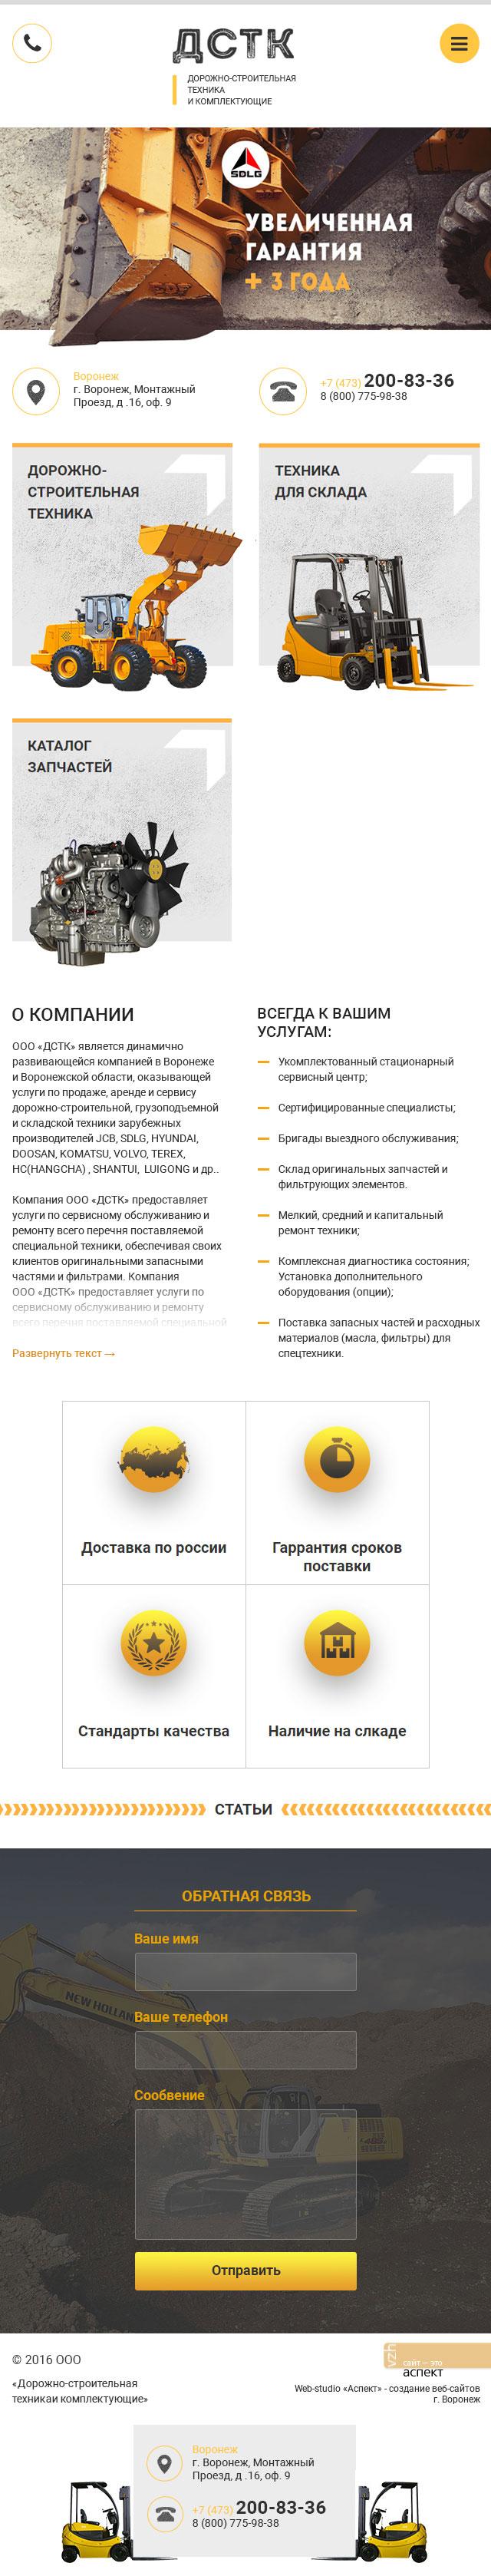 b2b сайты примеры ДСТК 640 px